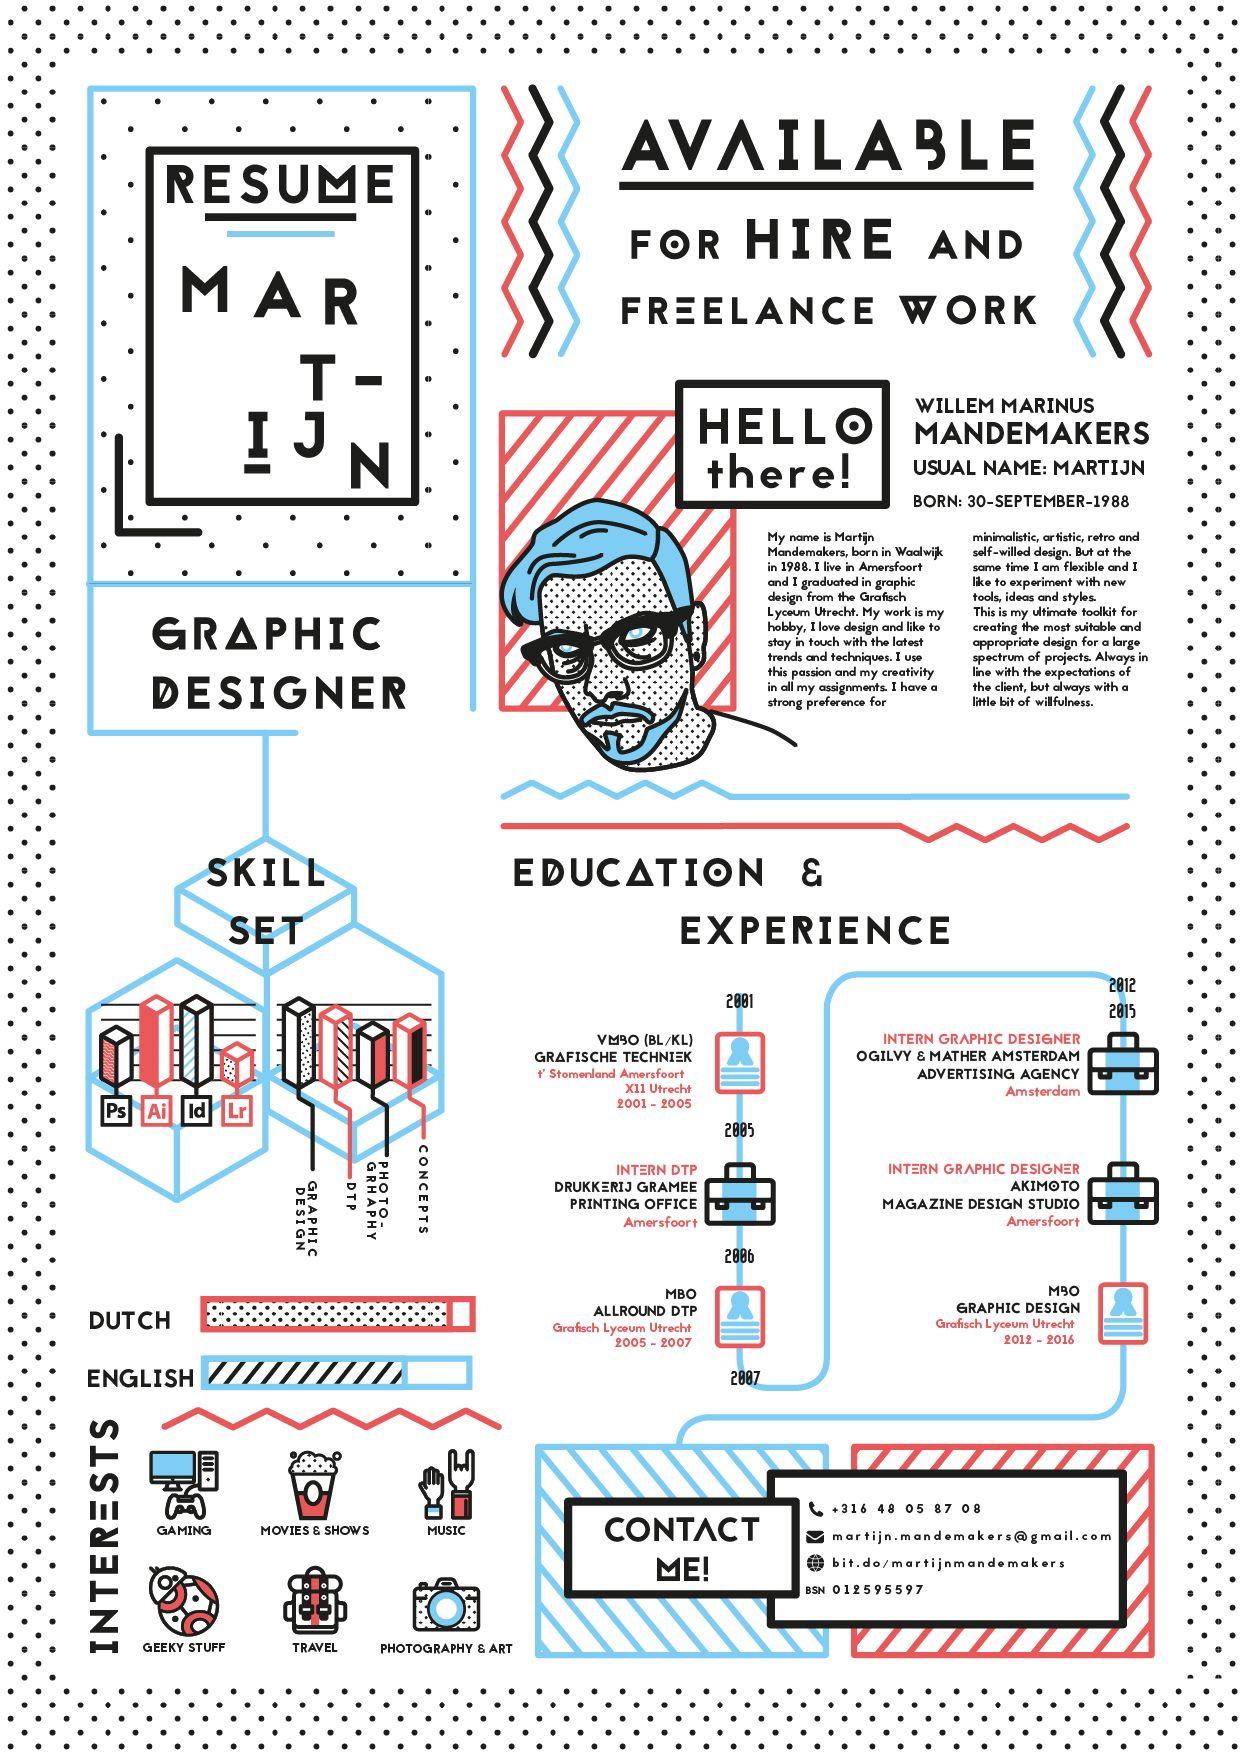 Resume Graphic Designer Martijn Mandemakers Creatieve Cv Infographic Cv Creatief Cv